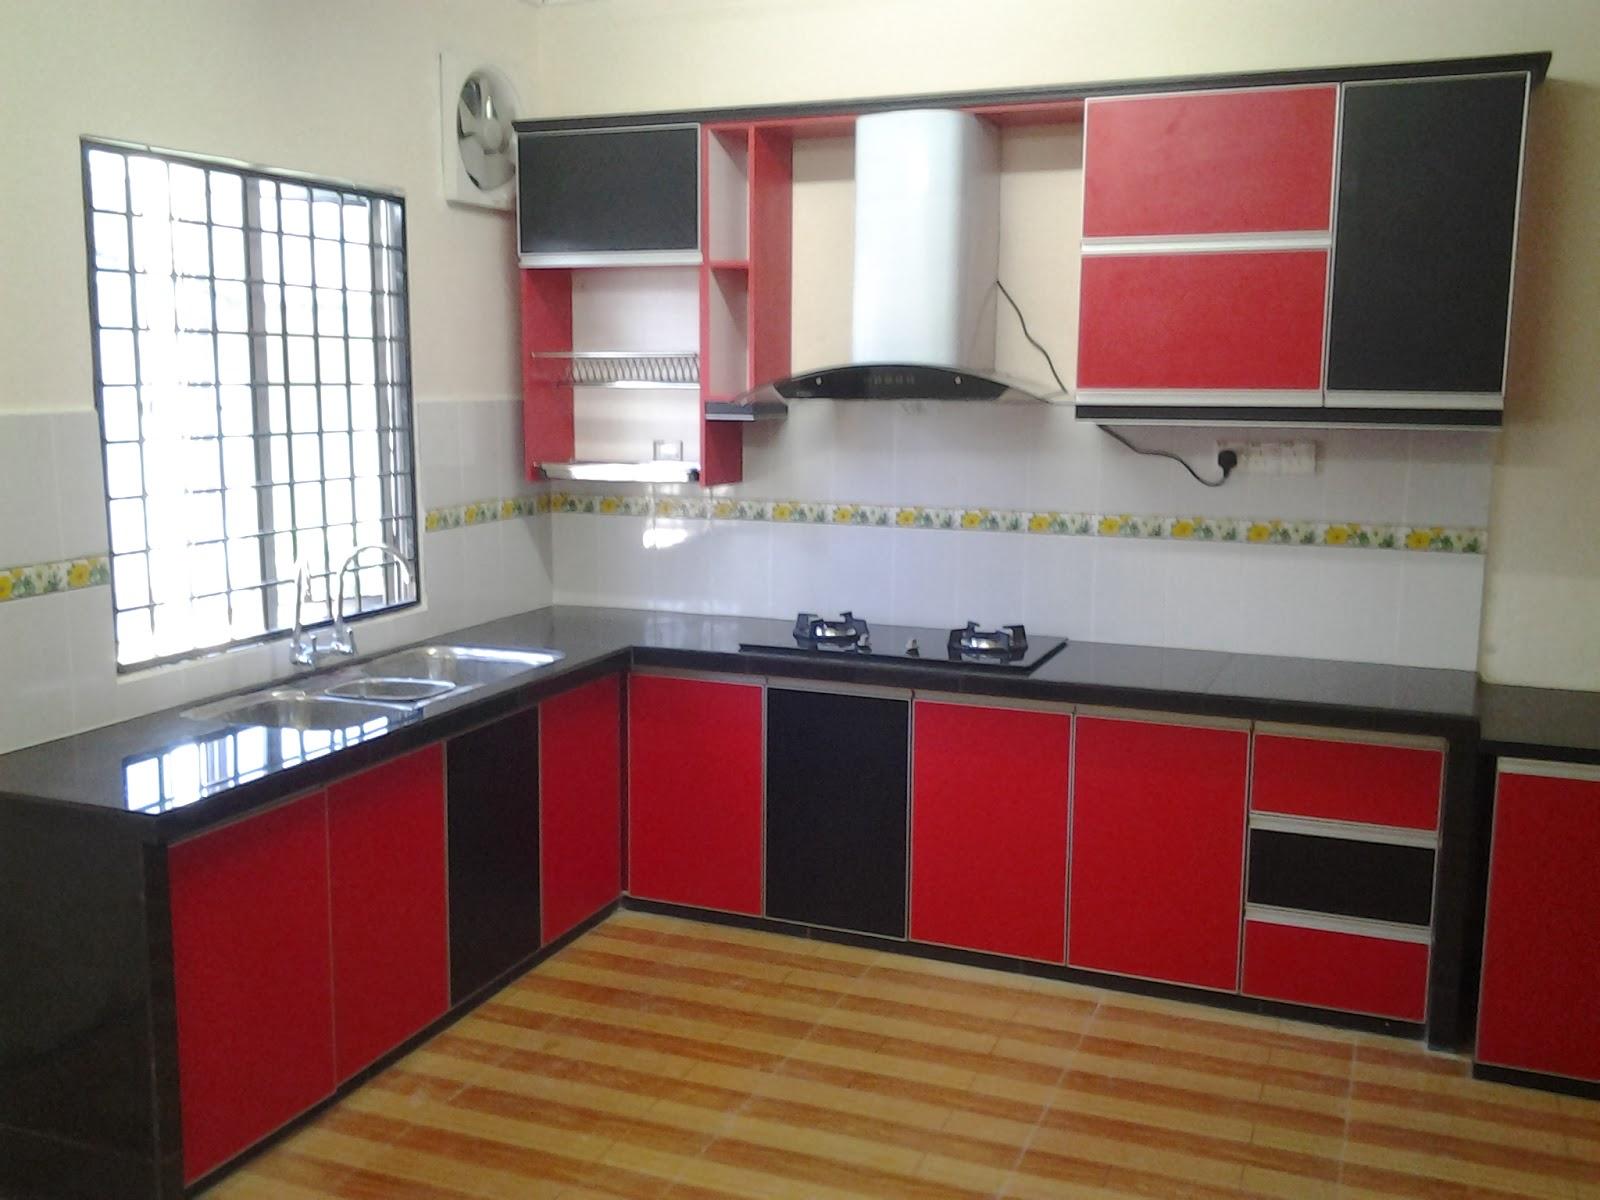 Taman Bukit Chedang Kabinet Dapur Pamprey Cabinets Desain Merah Hitam Interior Rumah